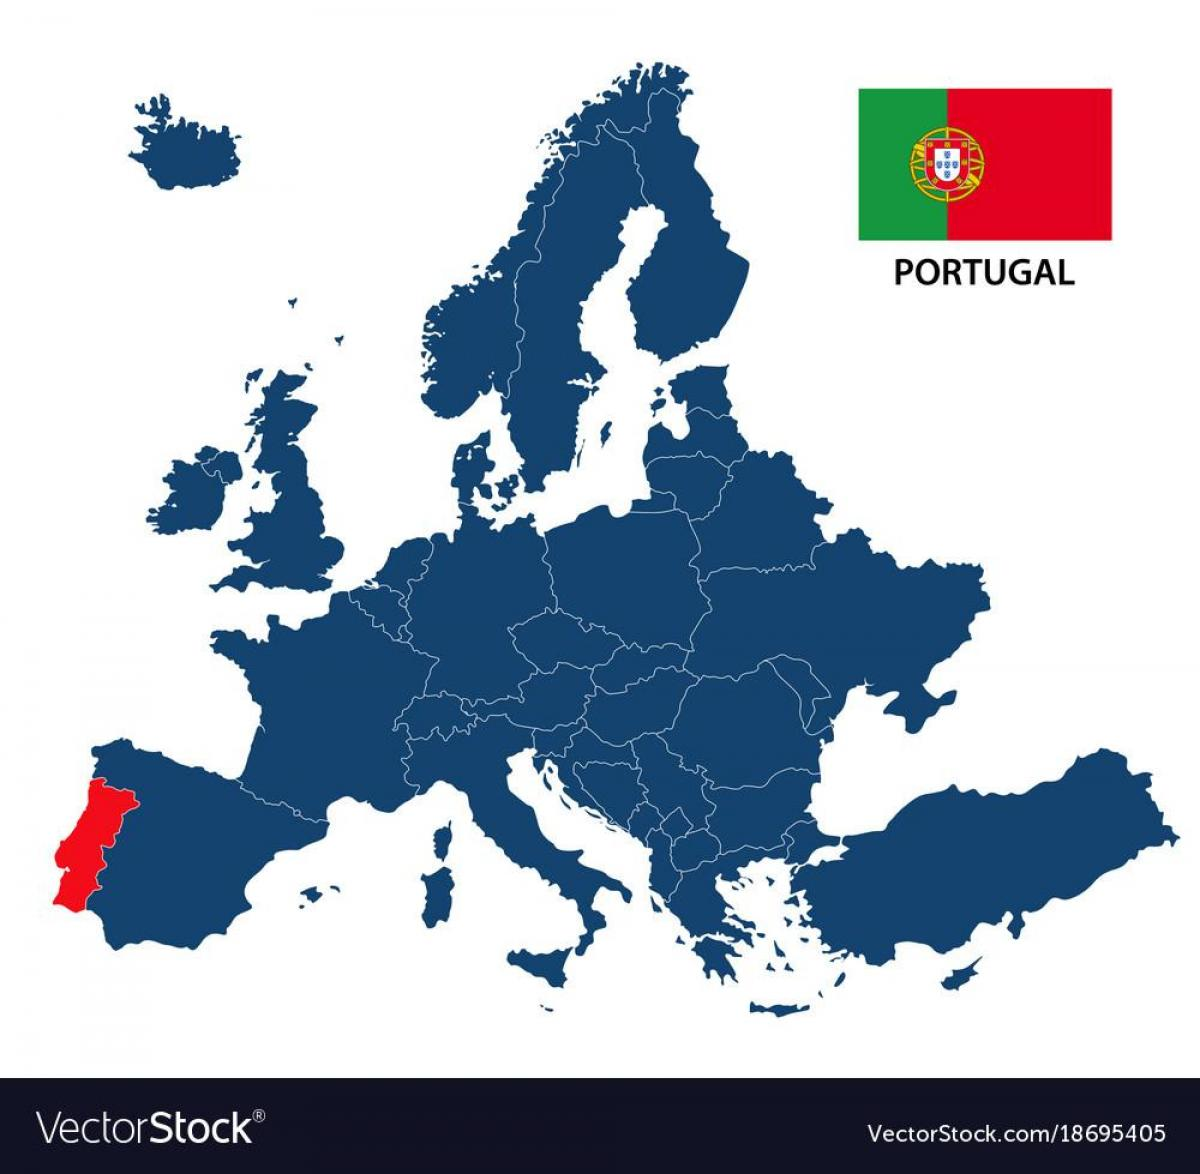 kart av europa Europa kart Portugal   Kart over Portugal i Europa (Sør Europa  kart av europa